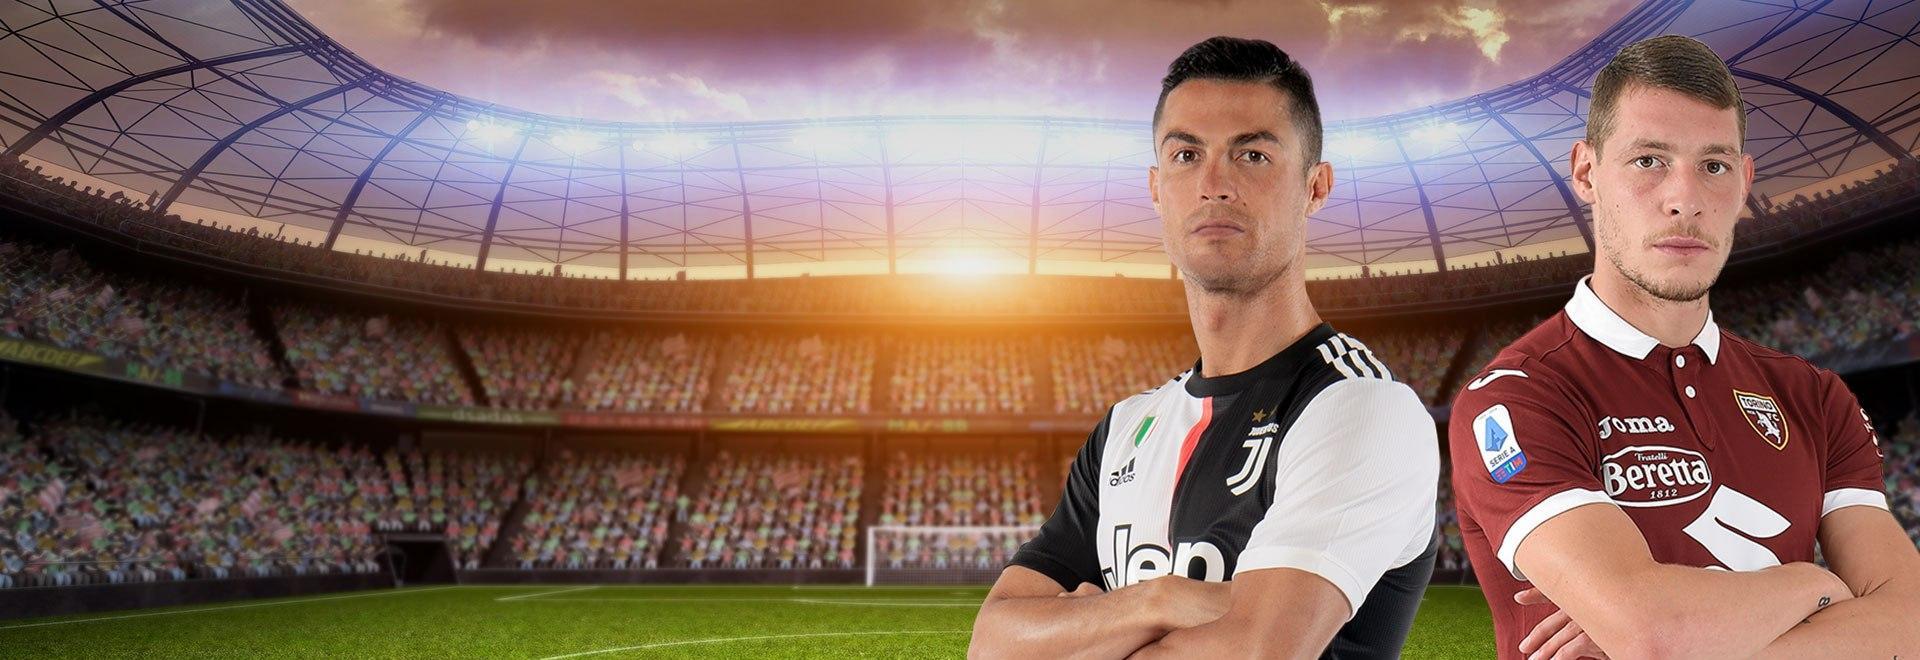 Juventus - Torino. 30a g.